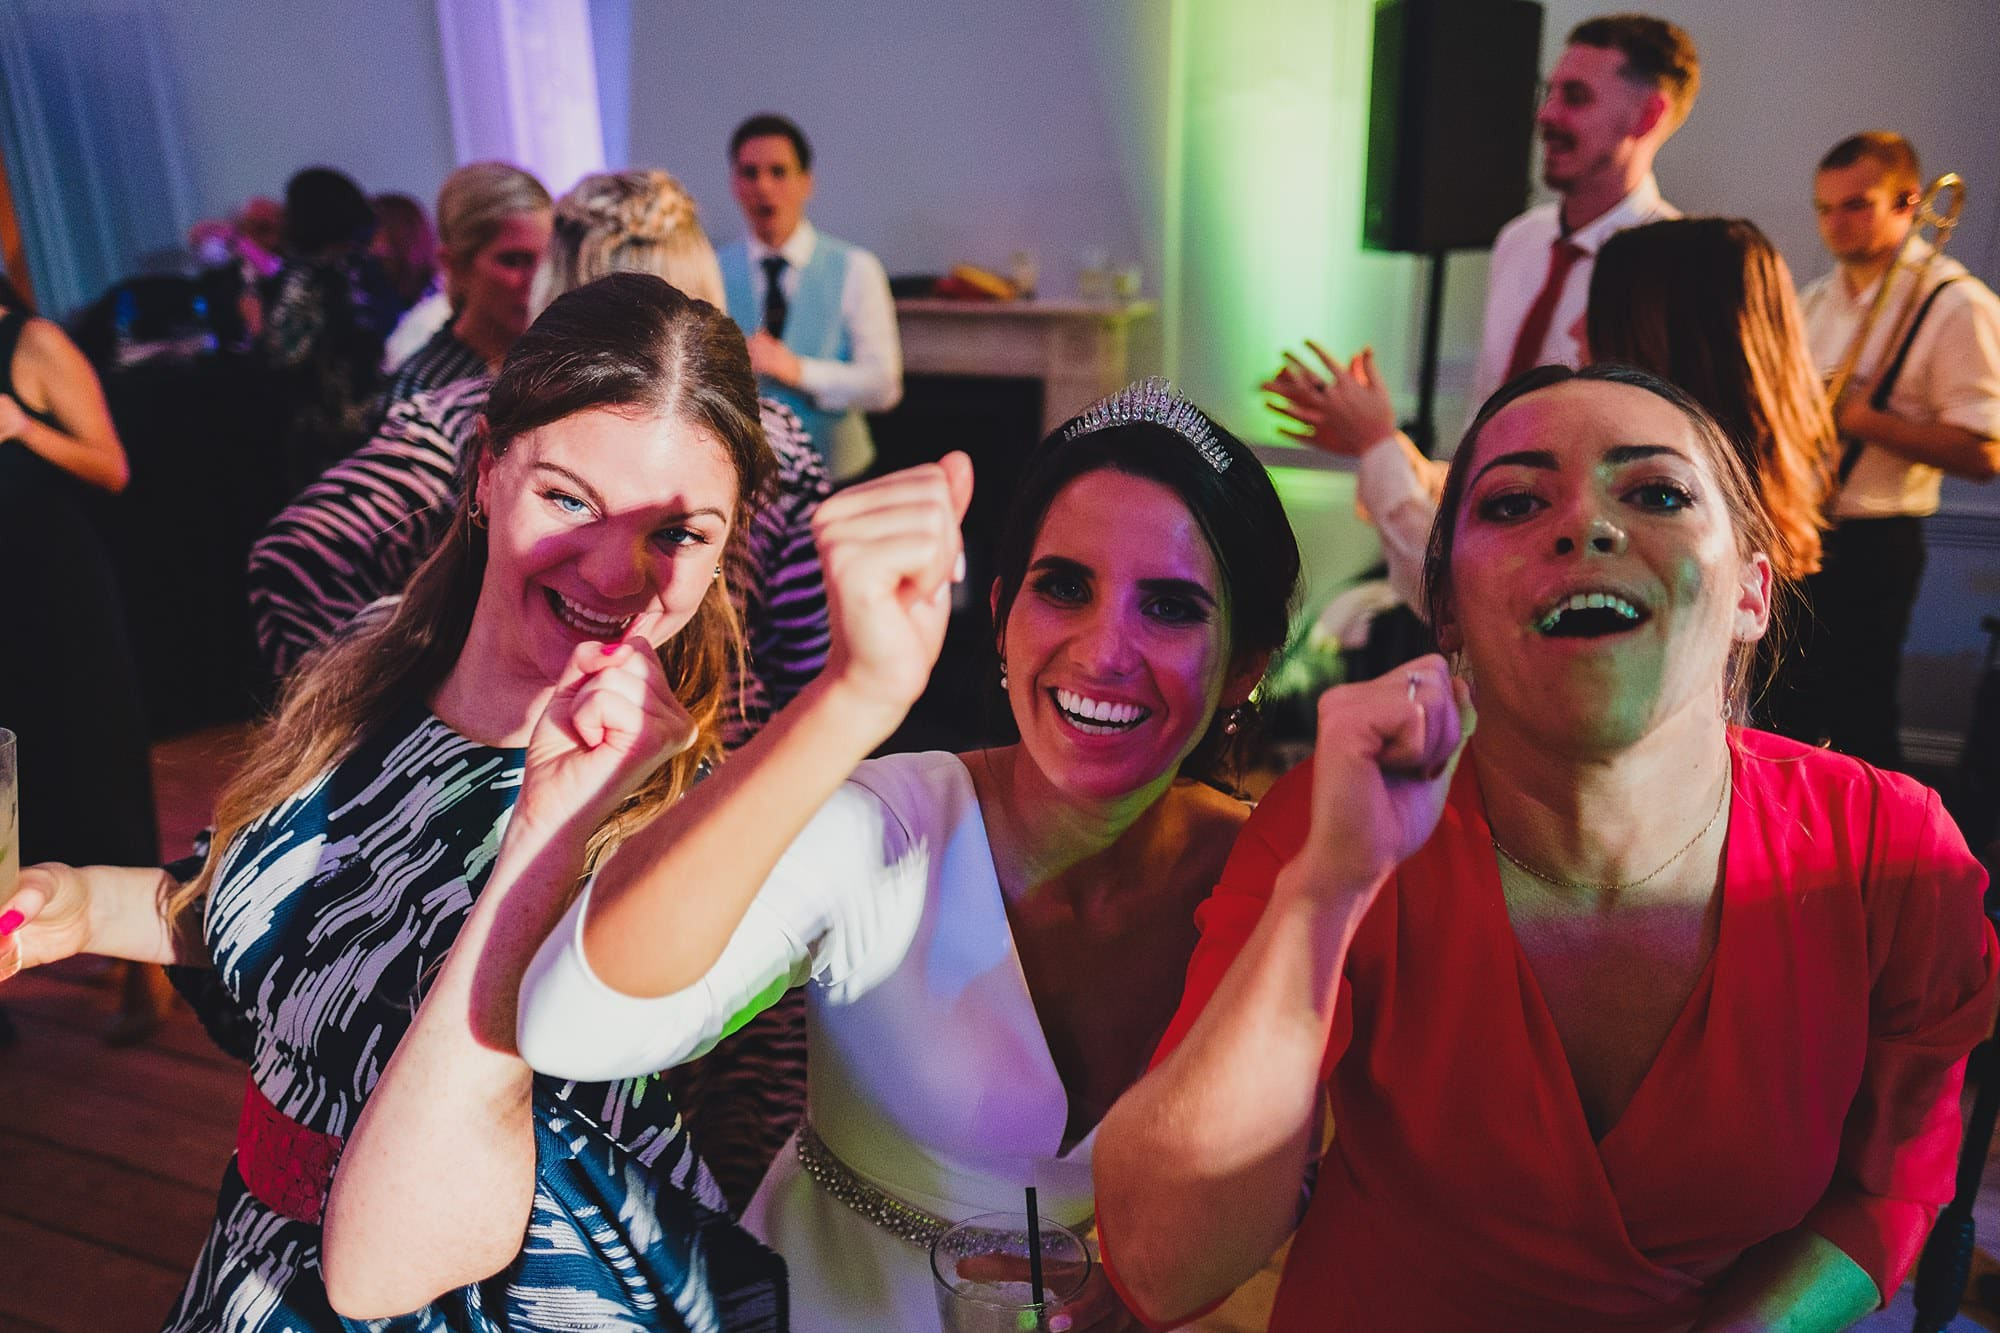 fulham palace wedding photographer ok 116 - Olivia + Kyle